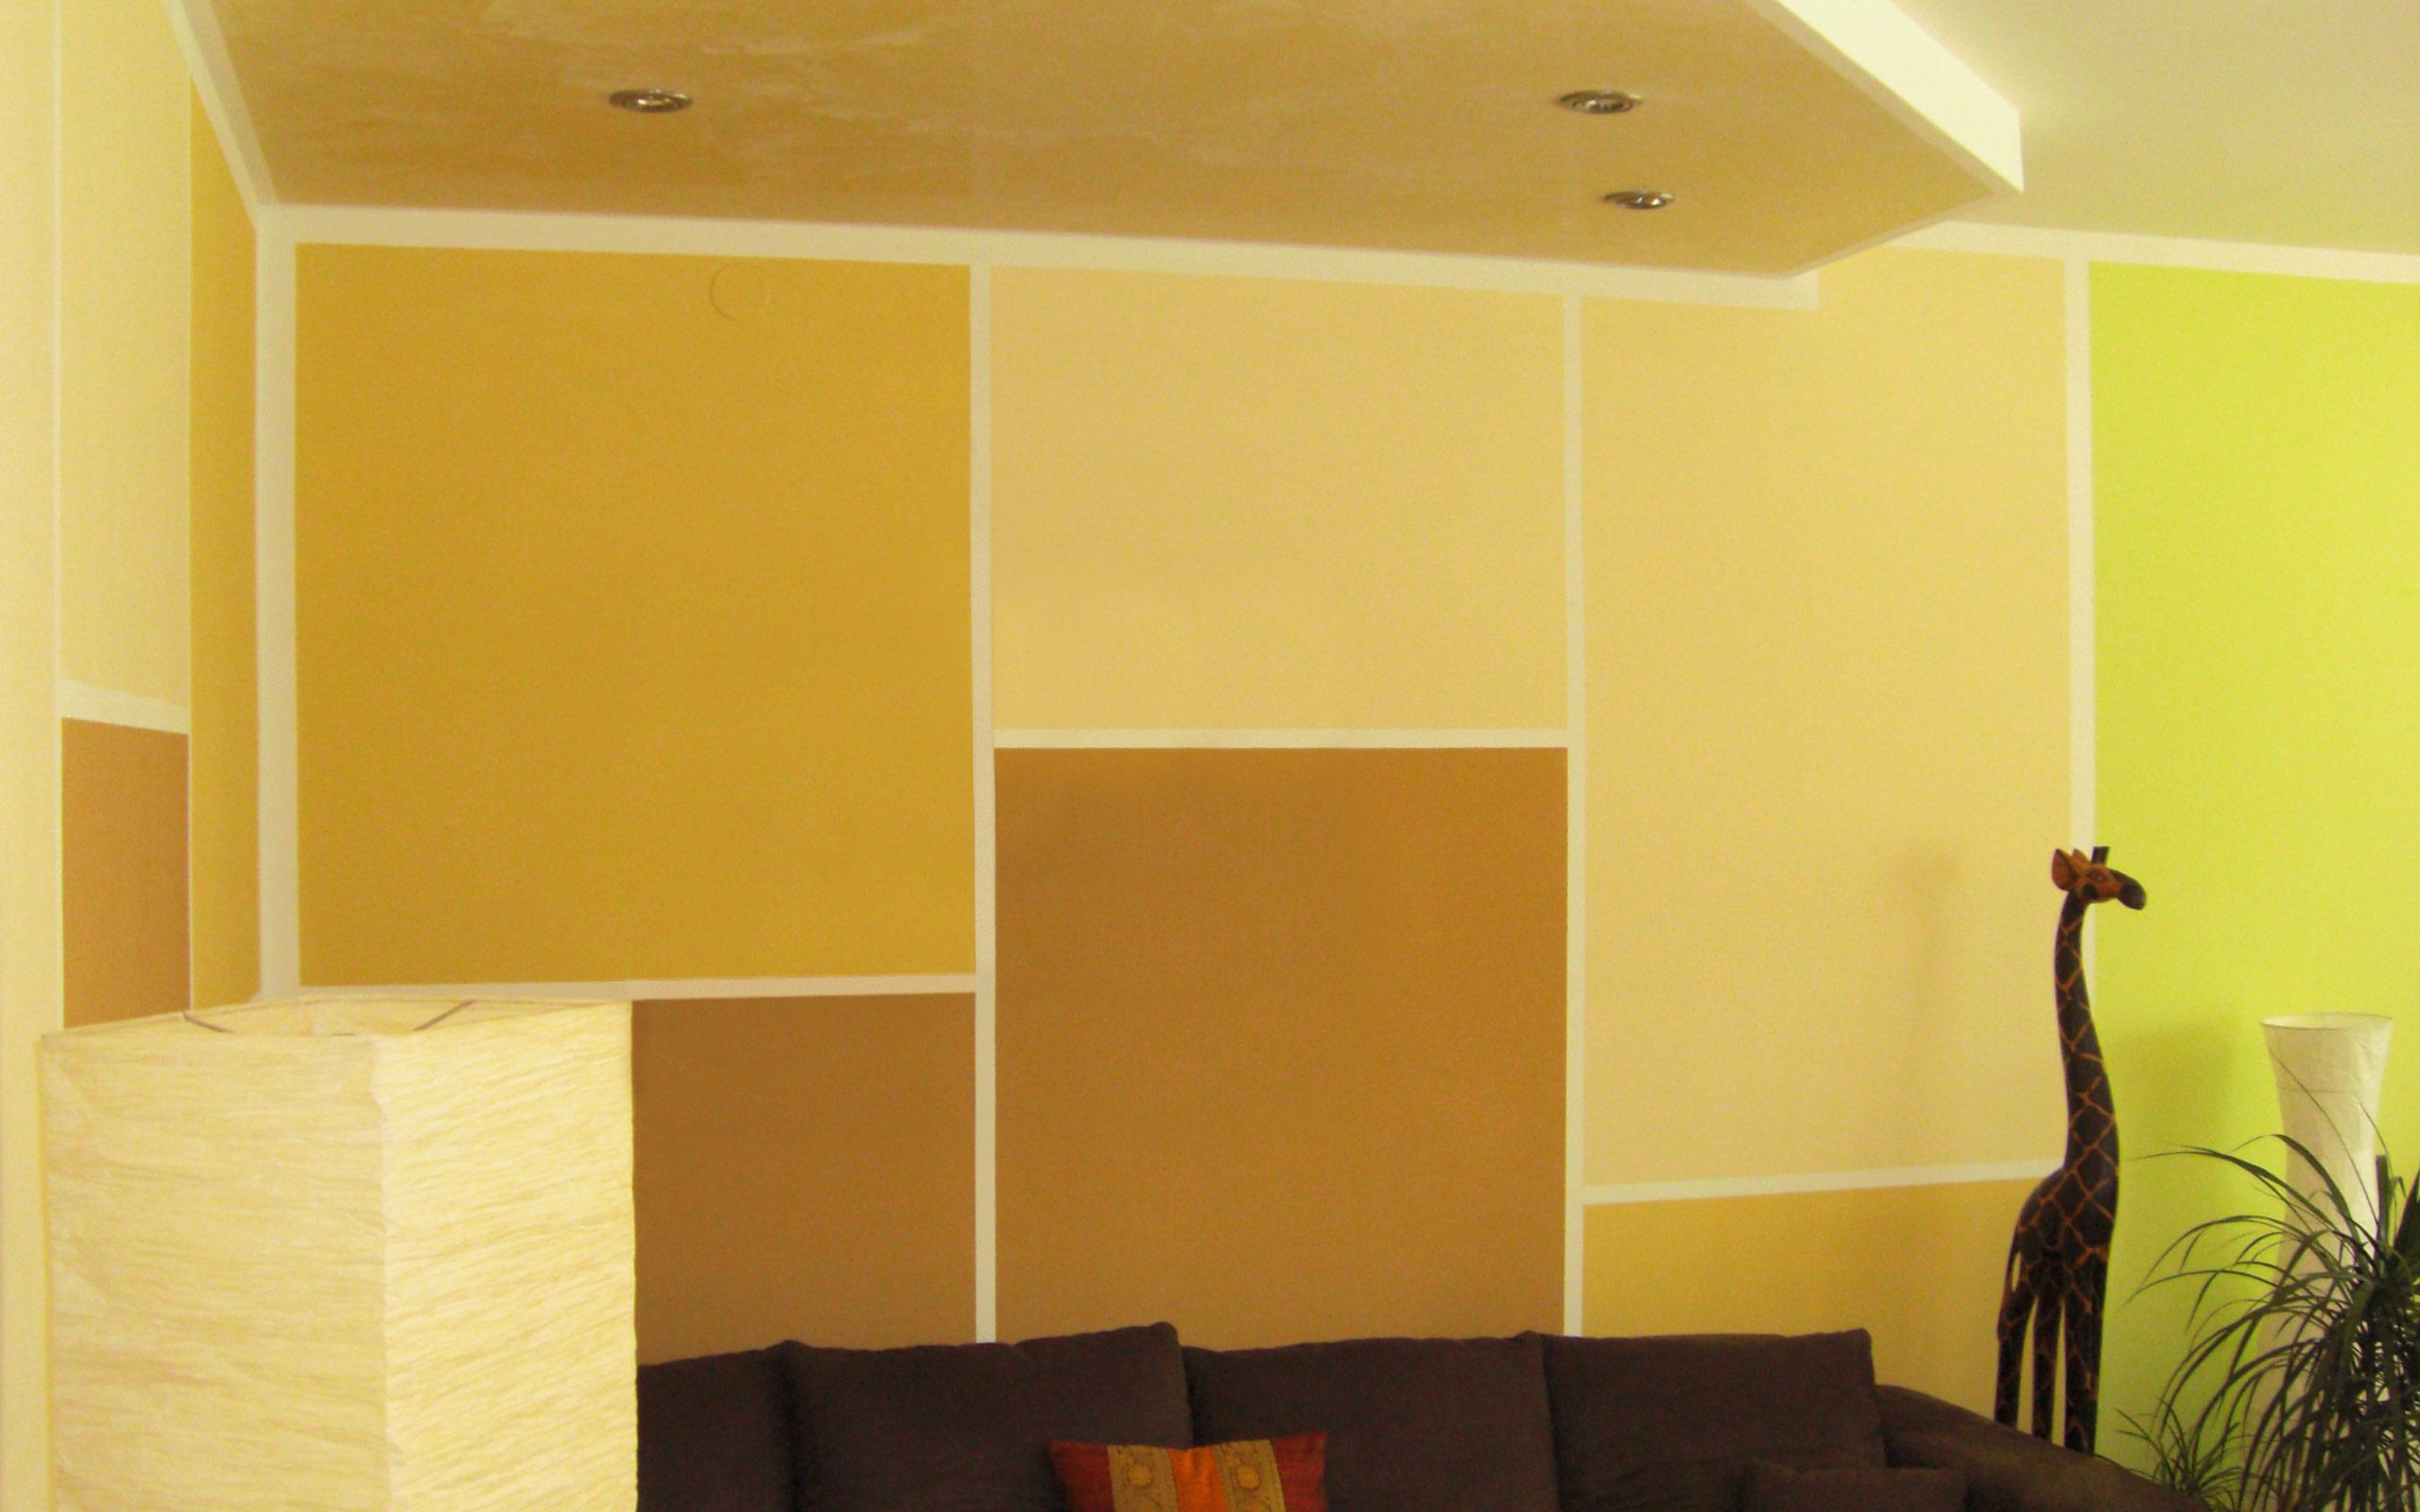 Innen und aussenraumgestaltung fairflair wohlf hlen for Raumgestaltung innen